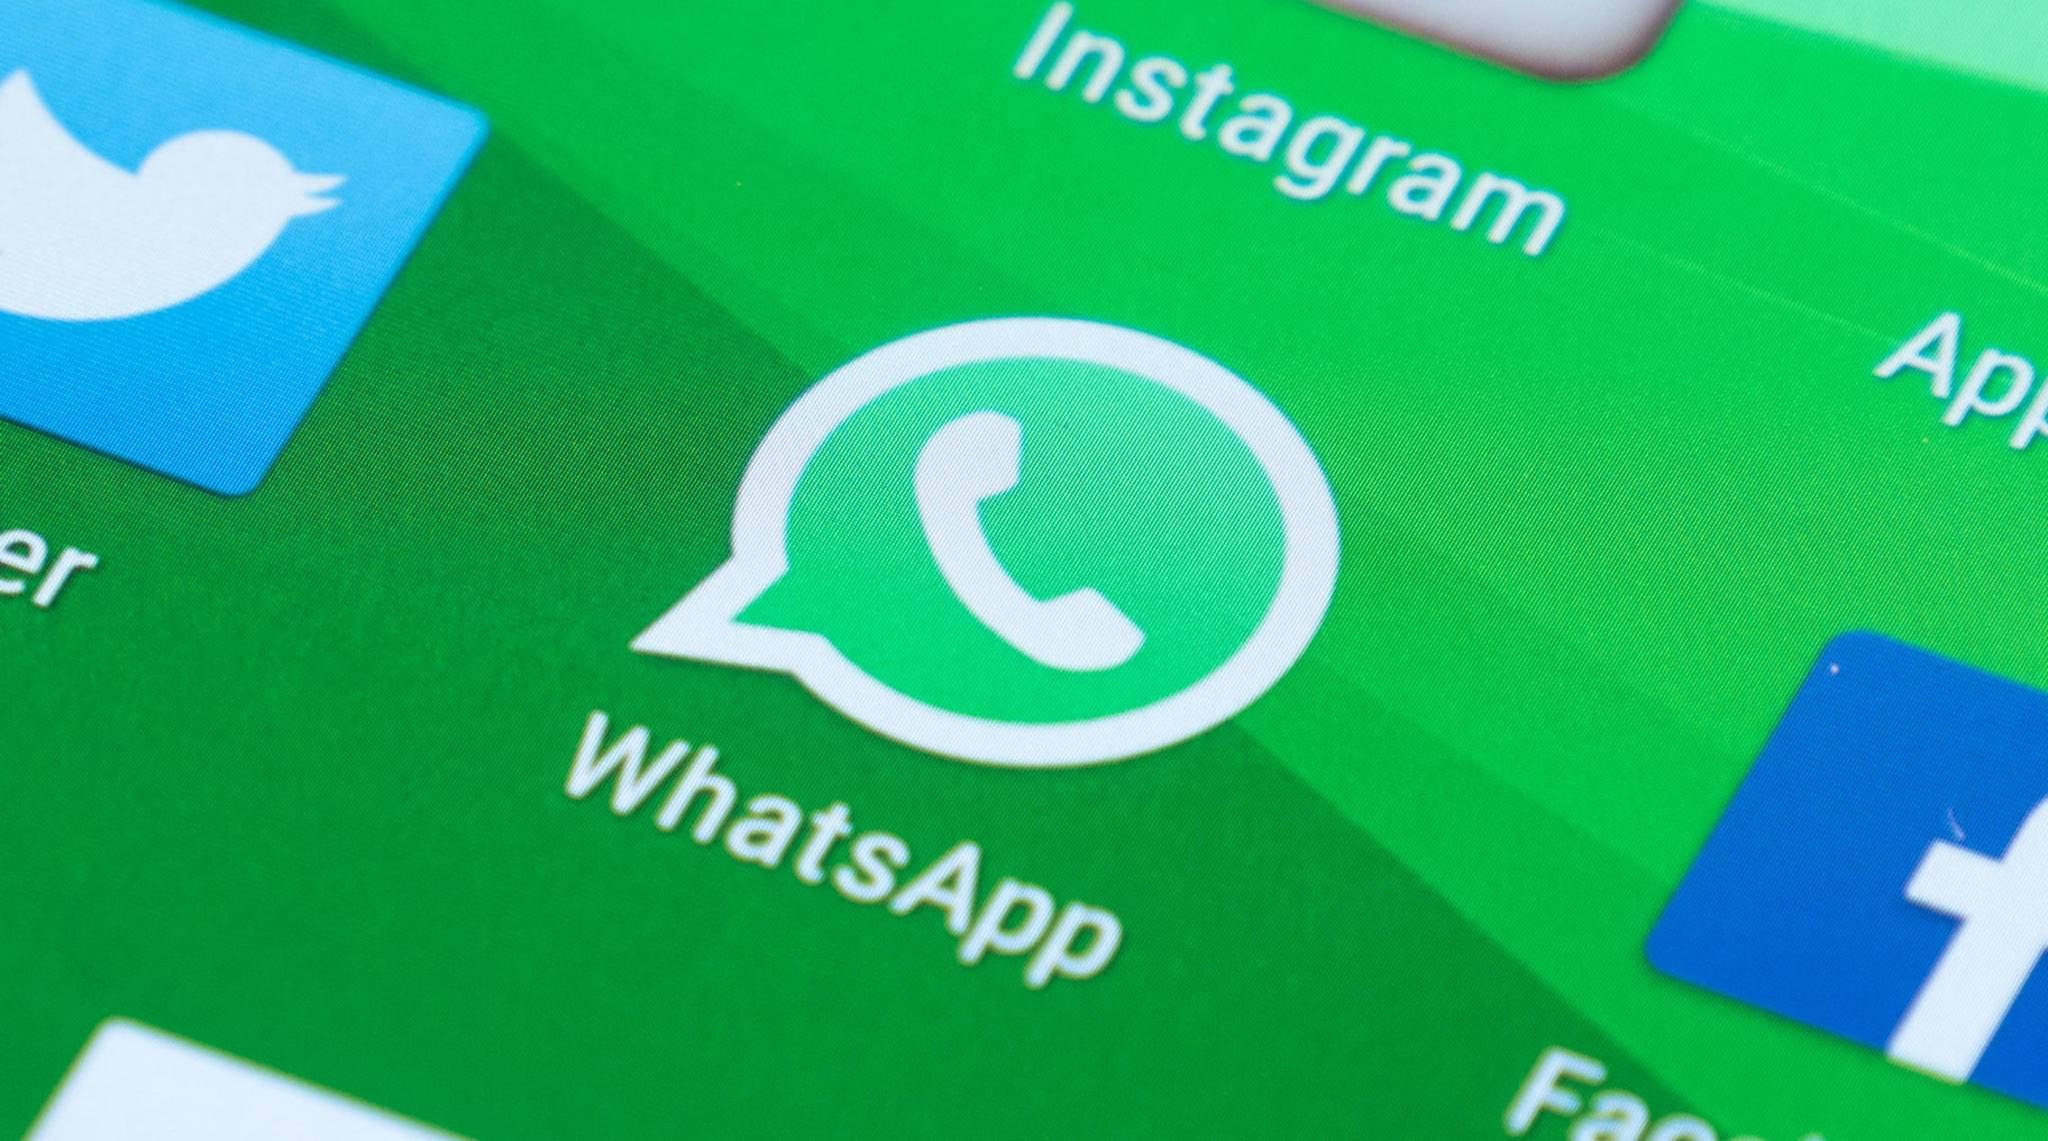 Unter Android 8.0 O werden sich WhatsApp-Videoanrufe im Bild-im-Bild-Modus anzeigen lassen.